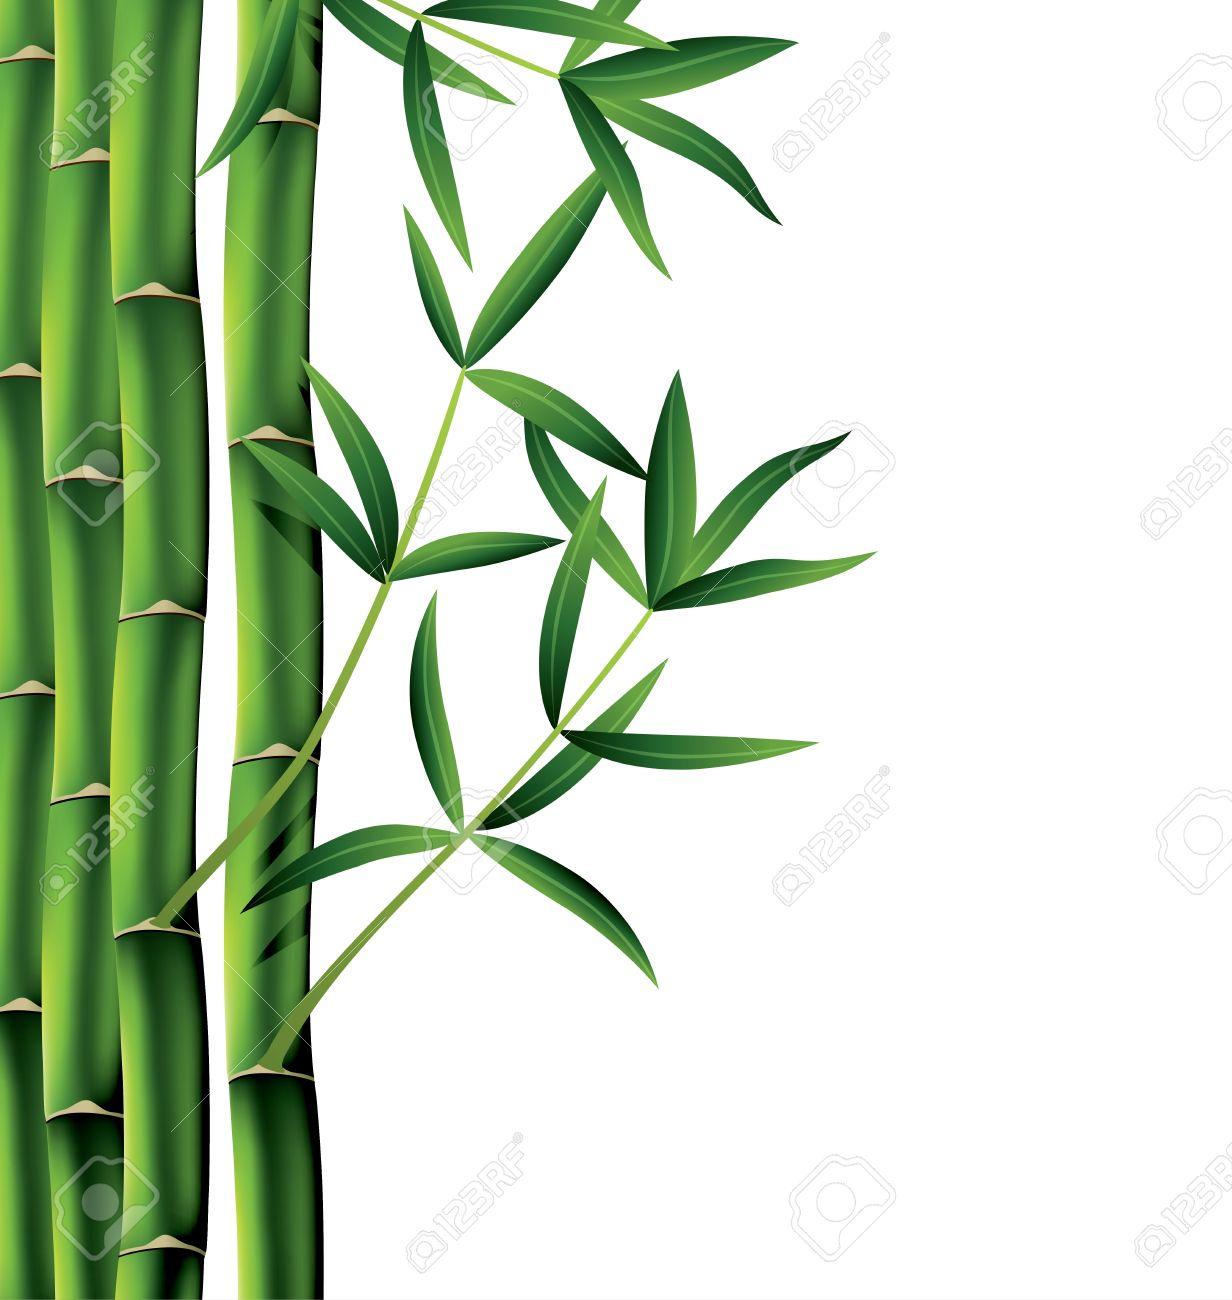 Vektor Illustration Von Bambus Zweige Auf Weissem Hintergrund